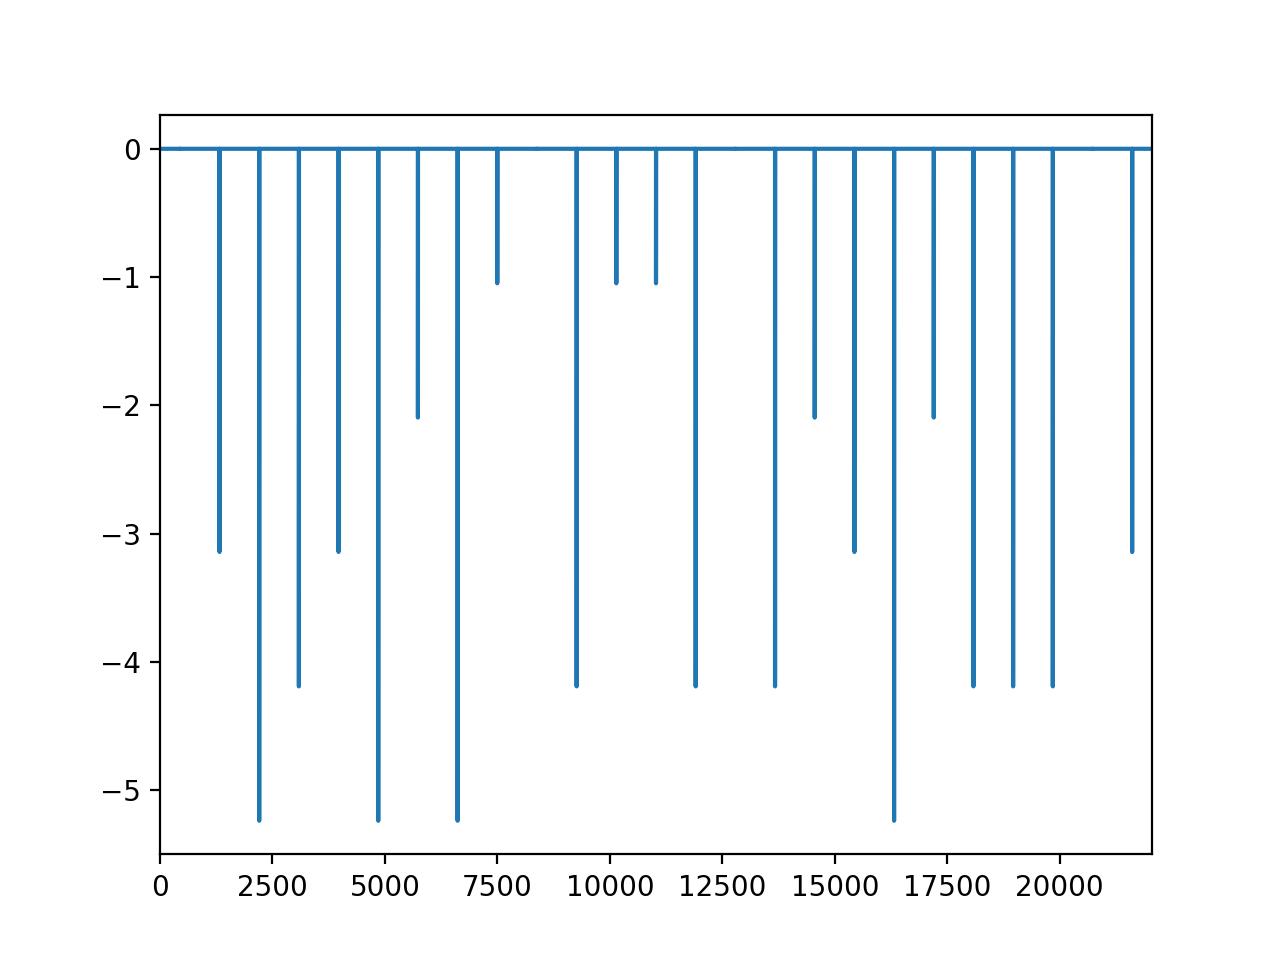 square_shift2の位相スペクトル